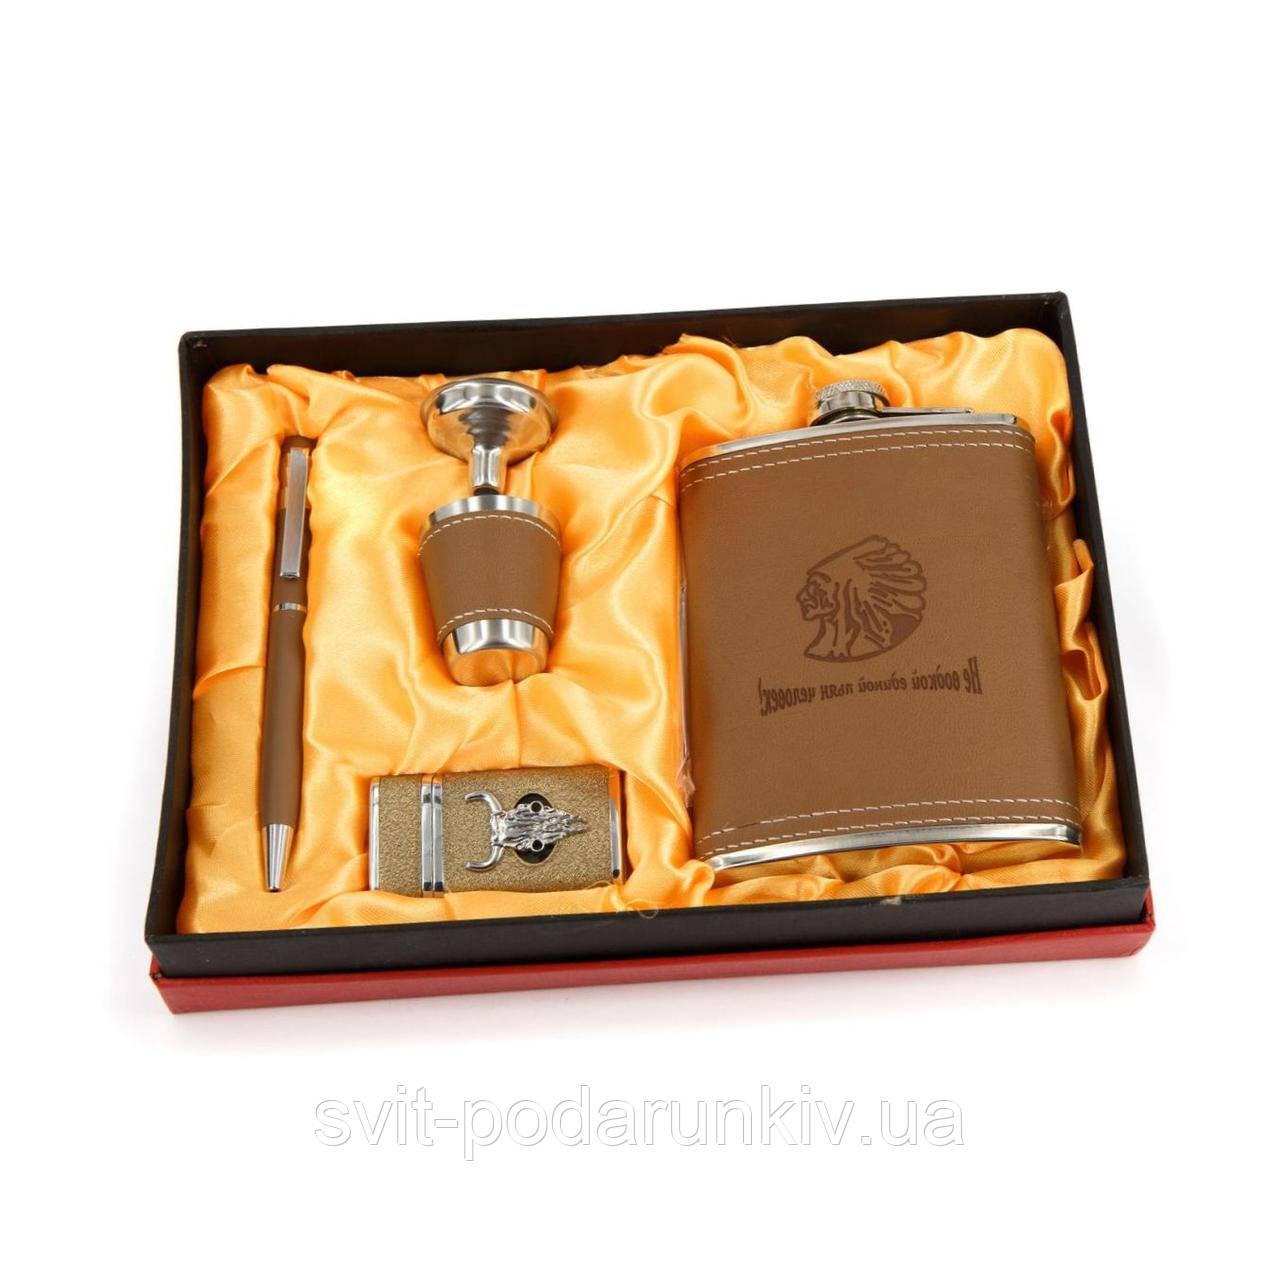 Фляга для виски стакан ручка воронка зажигалка TS-005